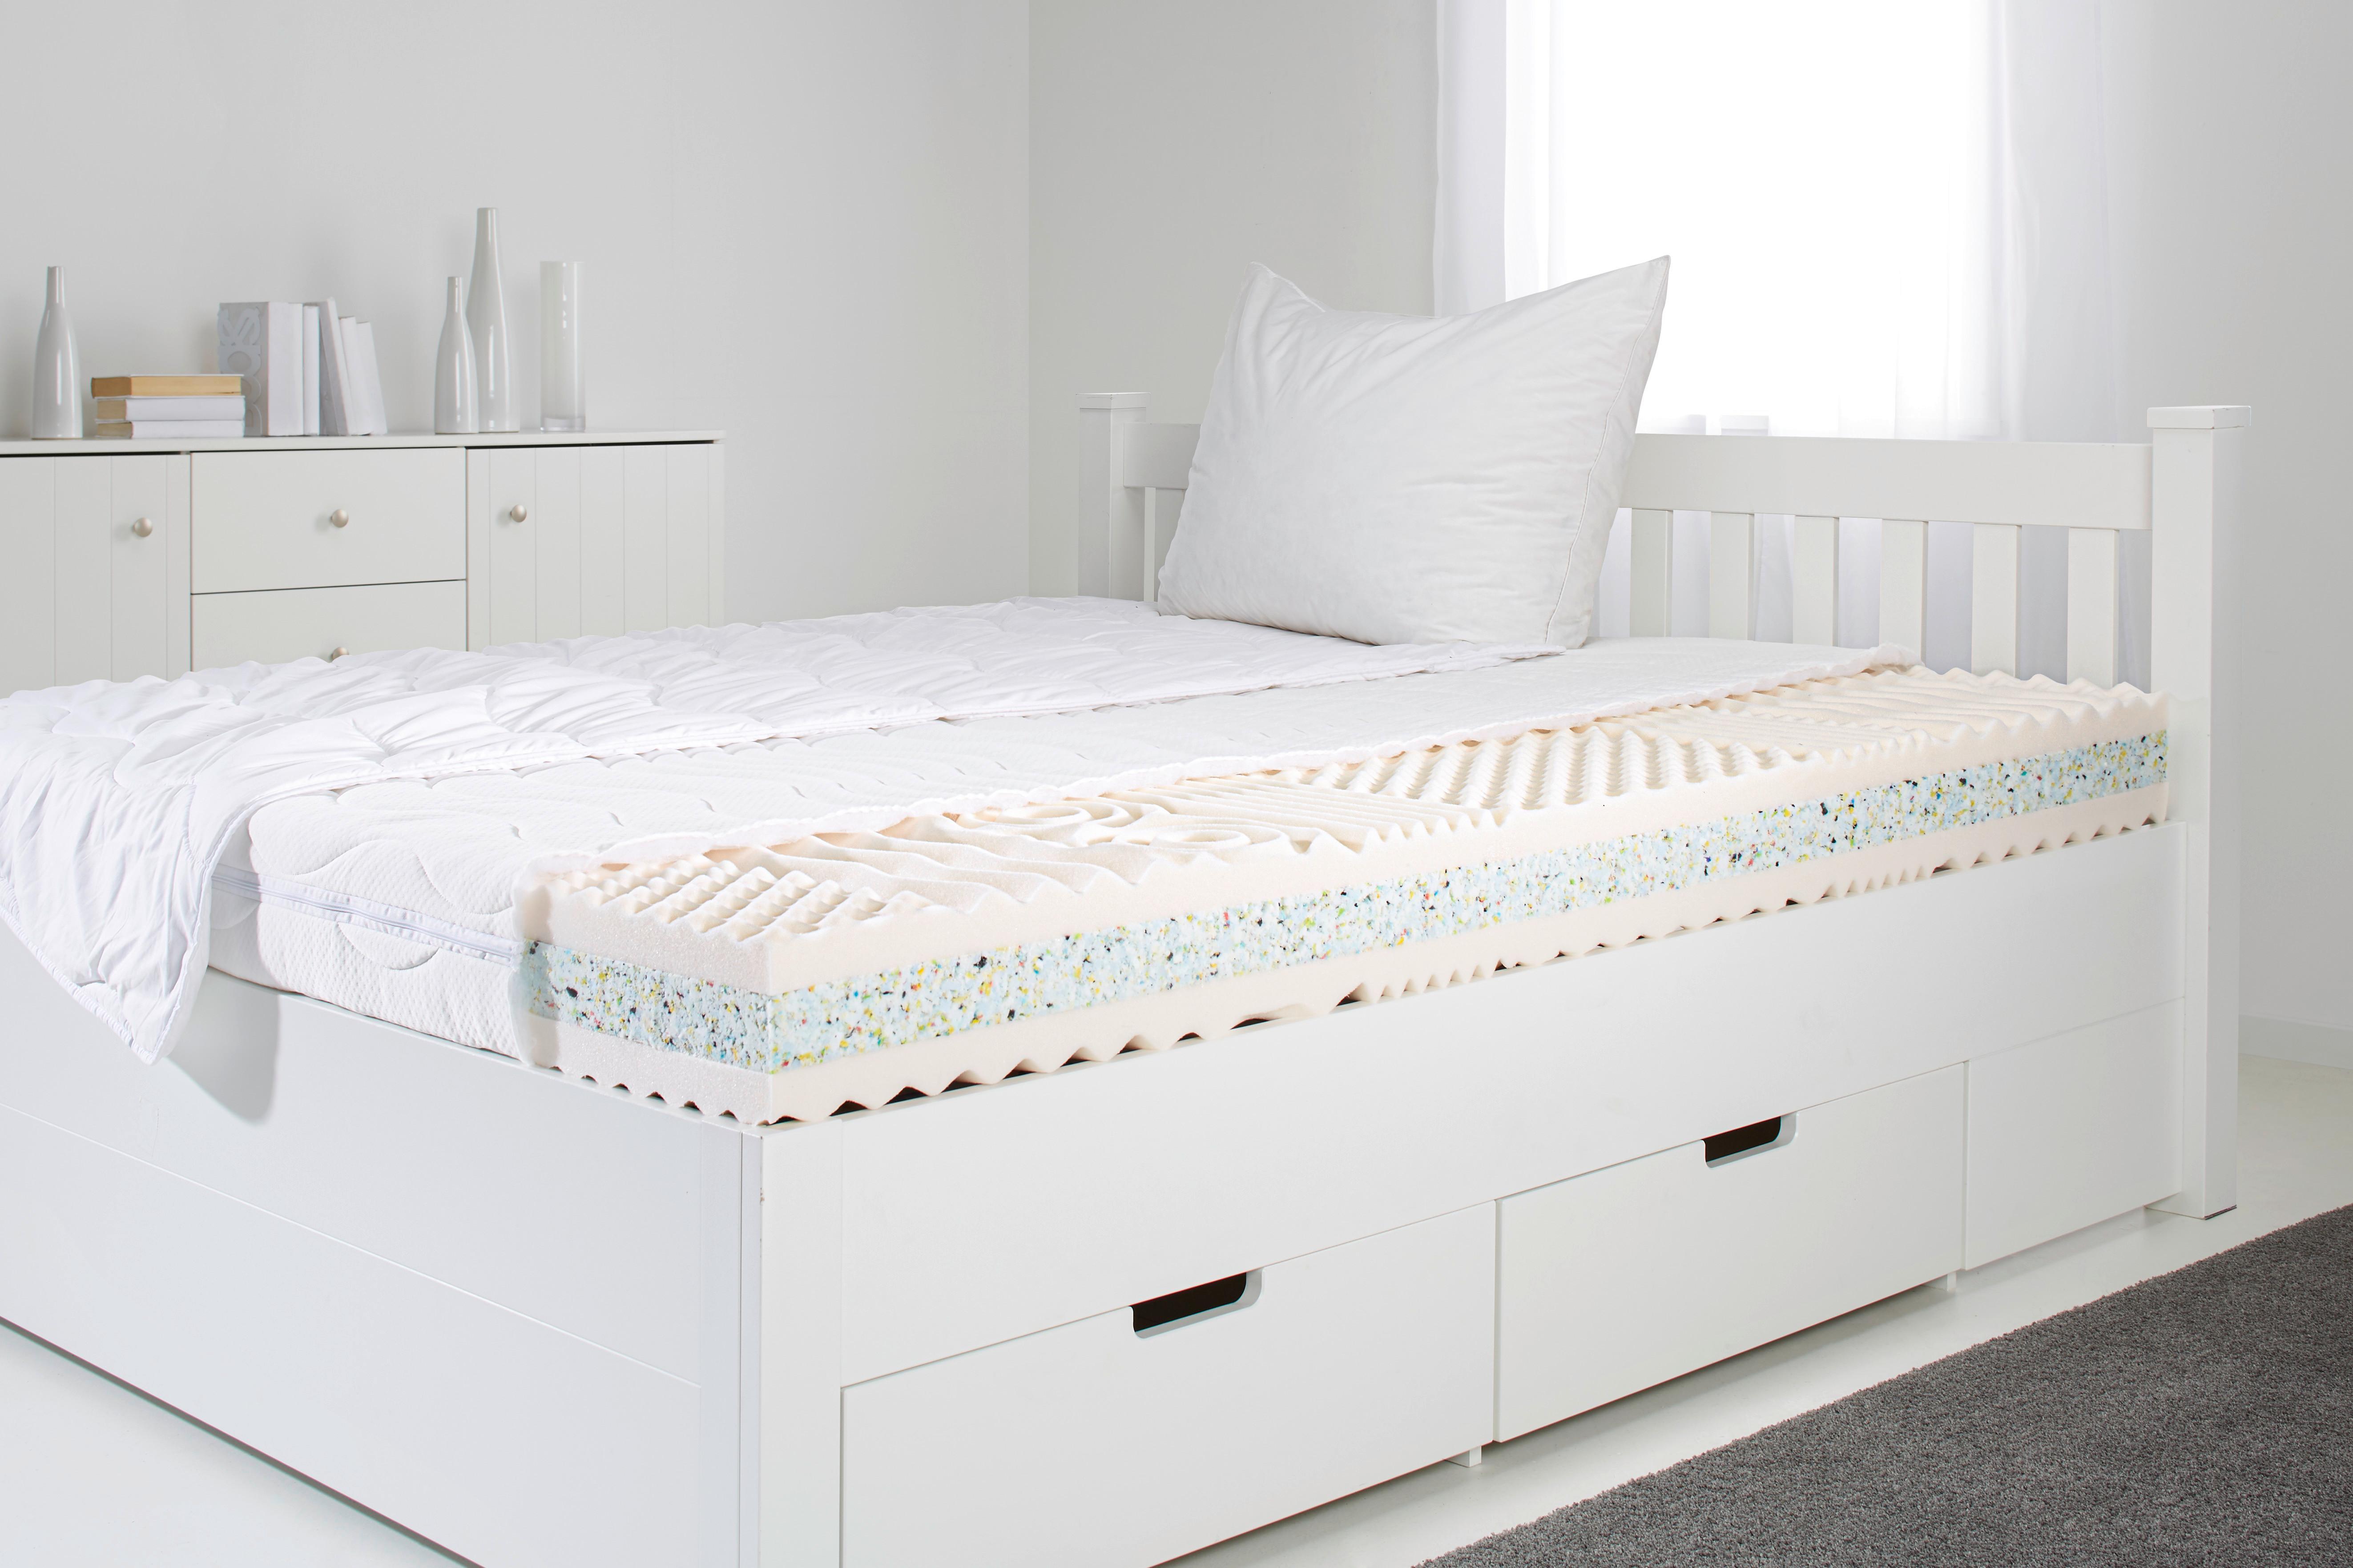 Komfortschaummatratze ca. 90x200cm   Schlafzimmer > Matratzen > Kaltschaum-matratzen   Nadana